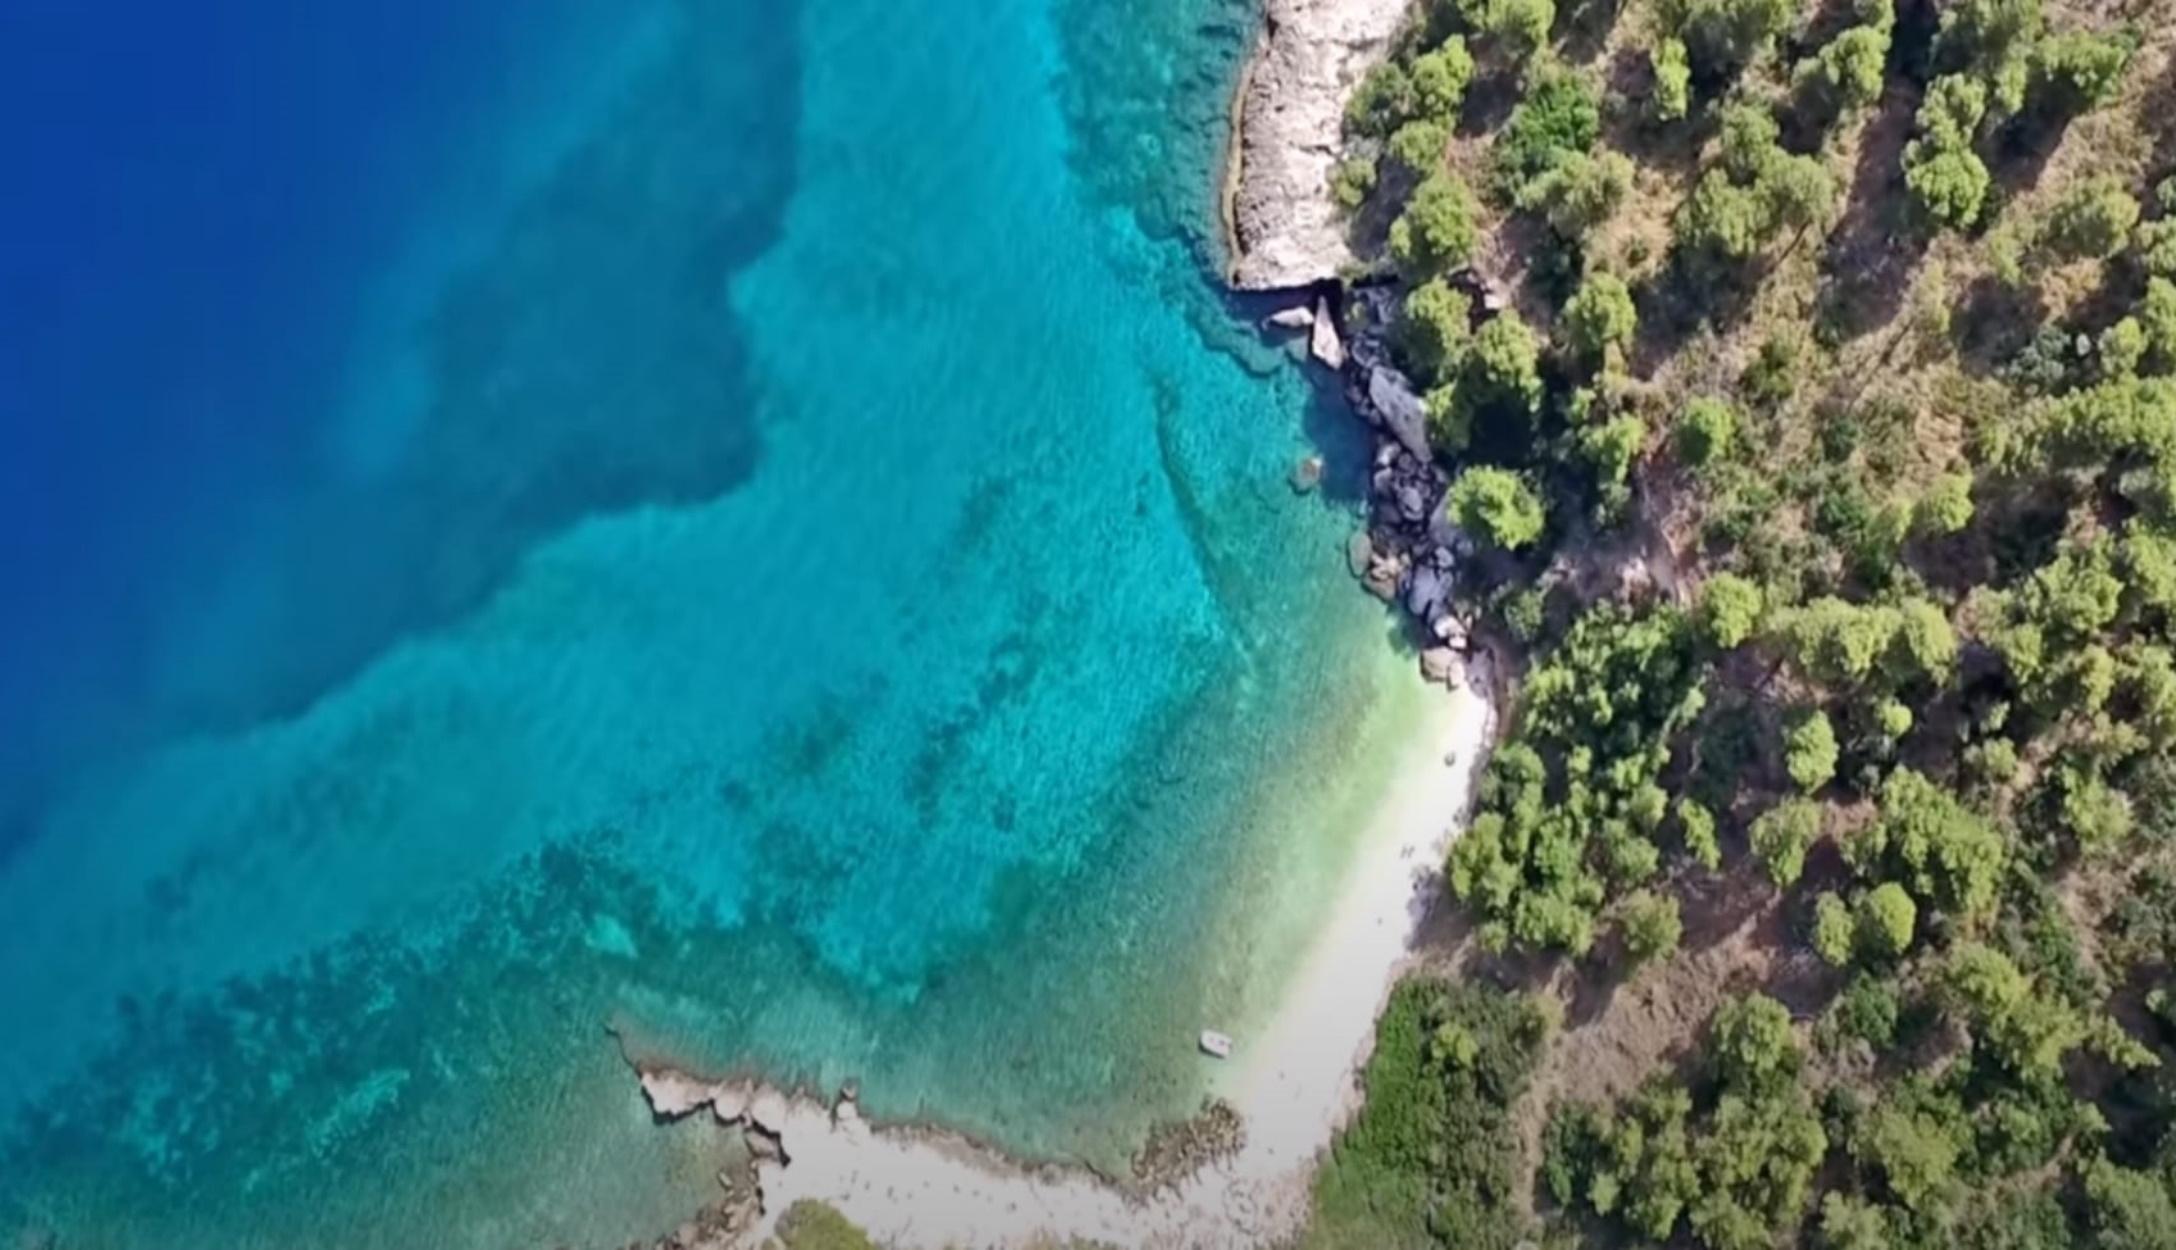 Οι κρυφές και άγνωστες παραλίες της Αττικής – Ποιες έχουν γαλάζια σημαία